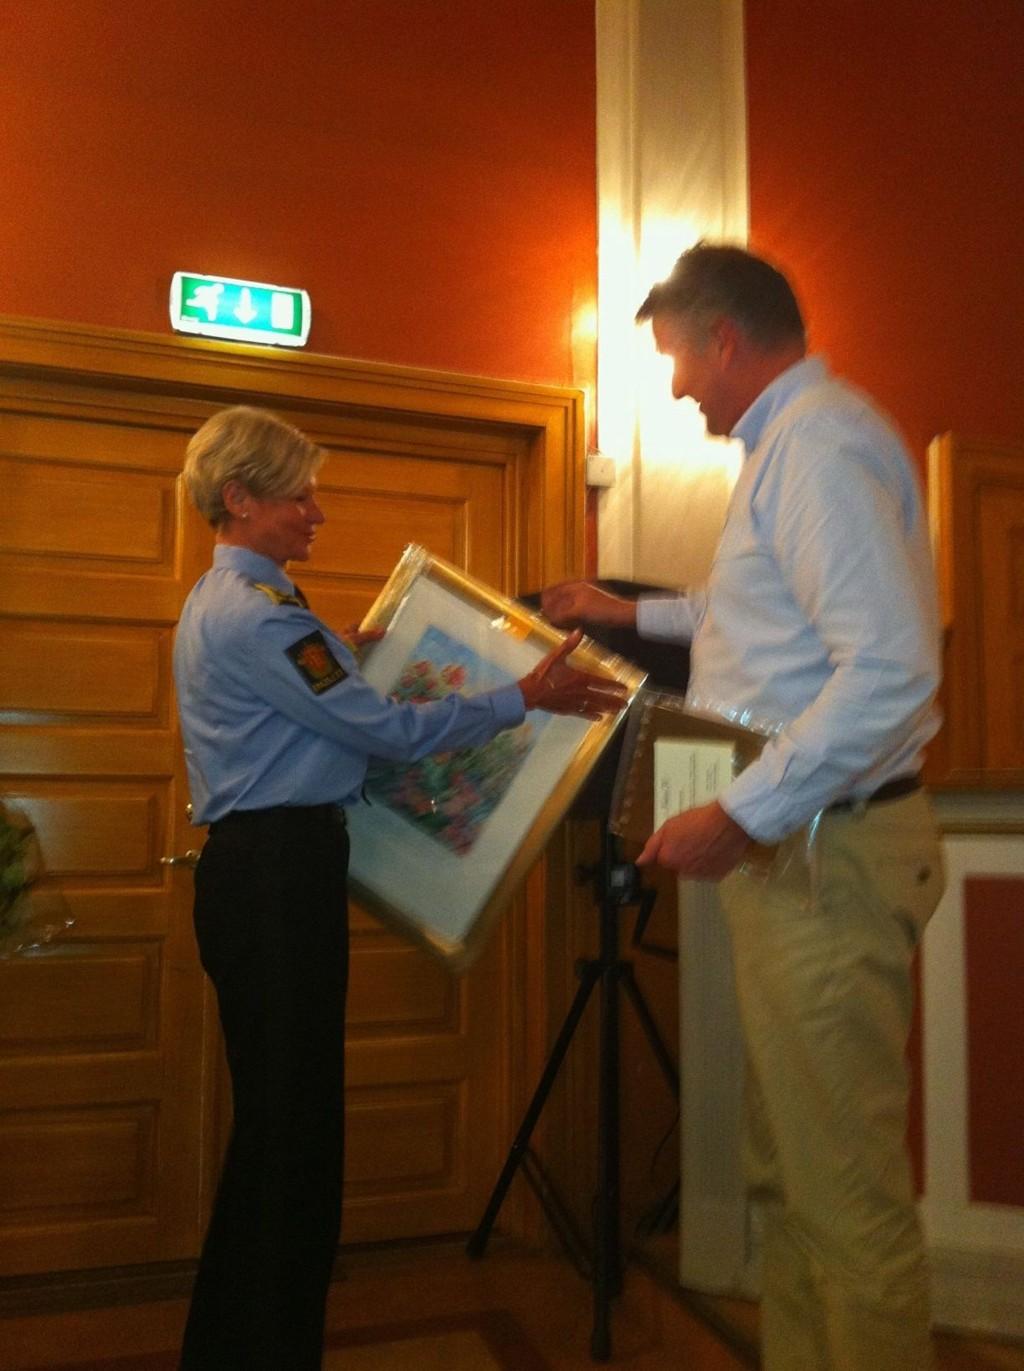 SETTES PRIS PÅ: Formann i Nordstrand vel, Jarle Abelson delte ut miljøprisen til Gro Smedsrud og Manglerud politistasjon.